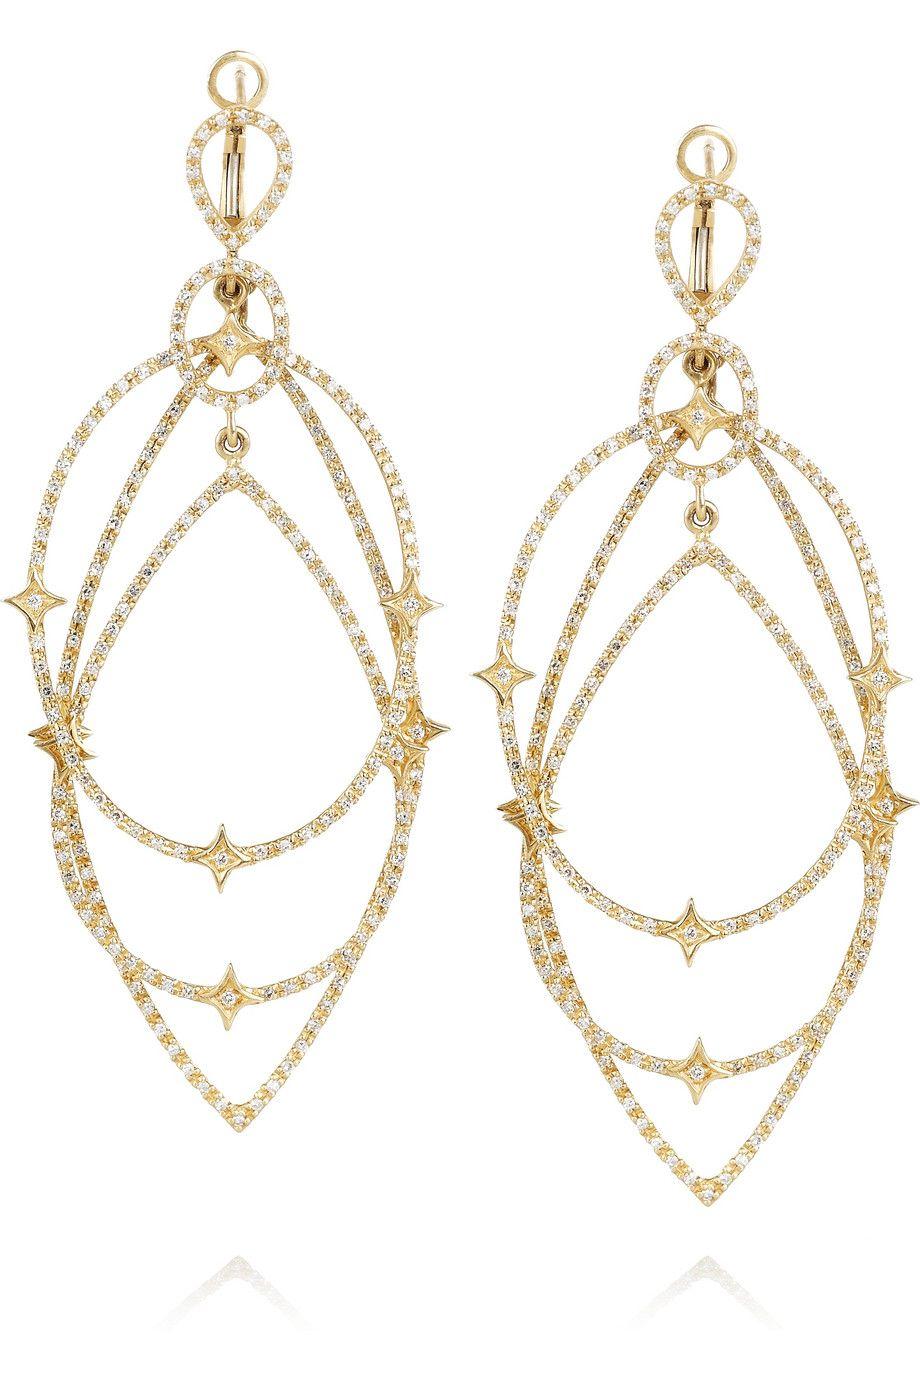 Loree Rodkin   Michelle 18-karat gold diamond earrings   NET-A-PORTER.COM